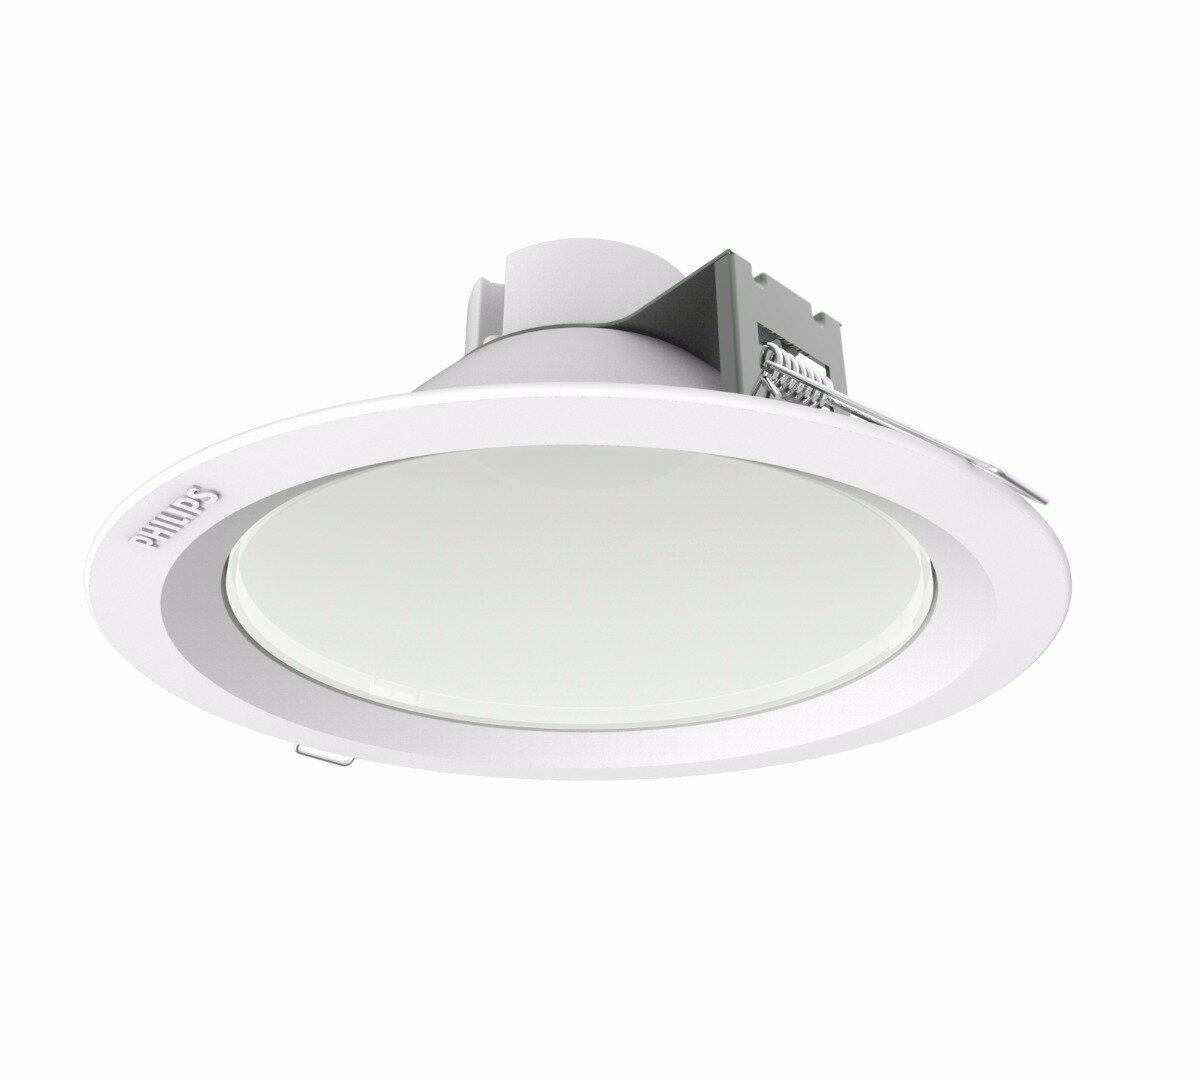 DN908飛利浦Smart LED 崁燈5700k